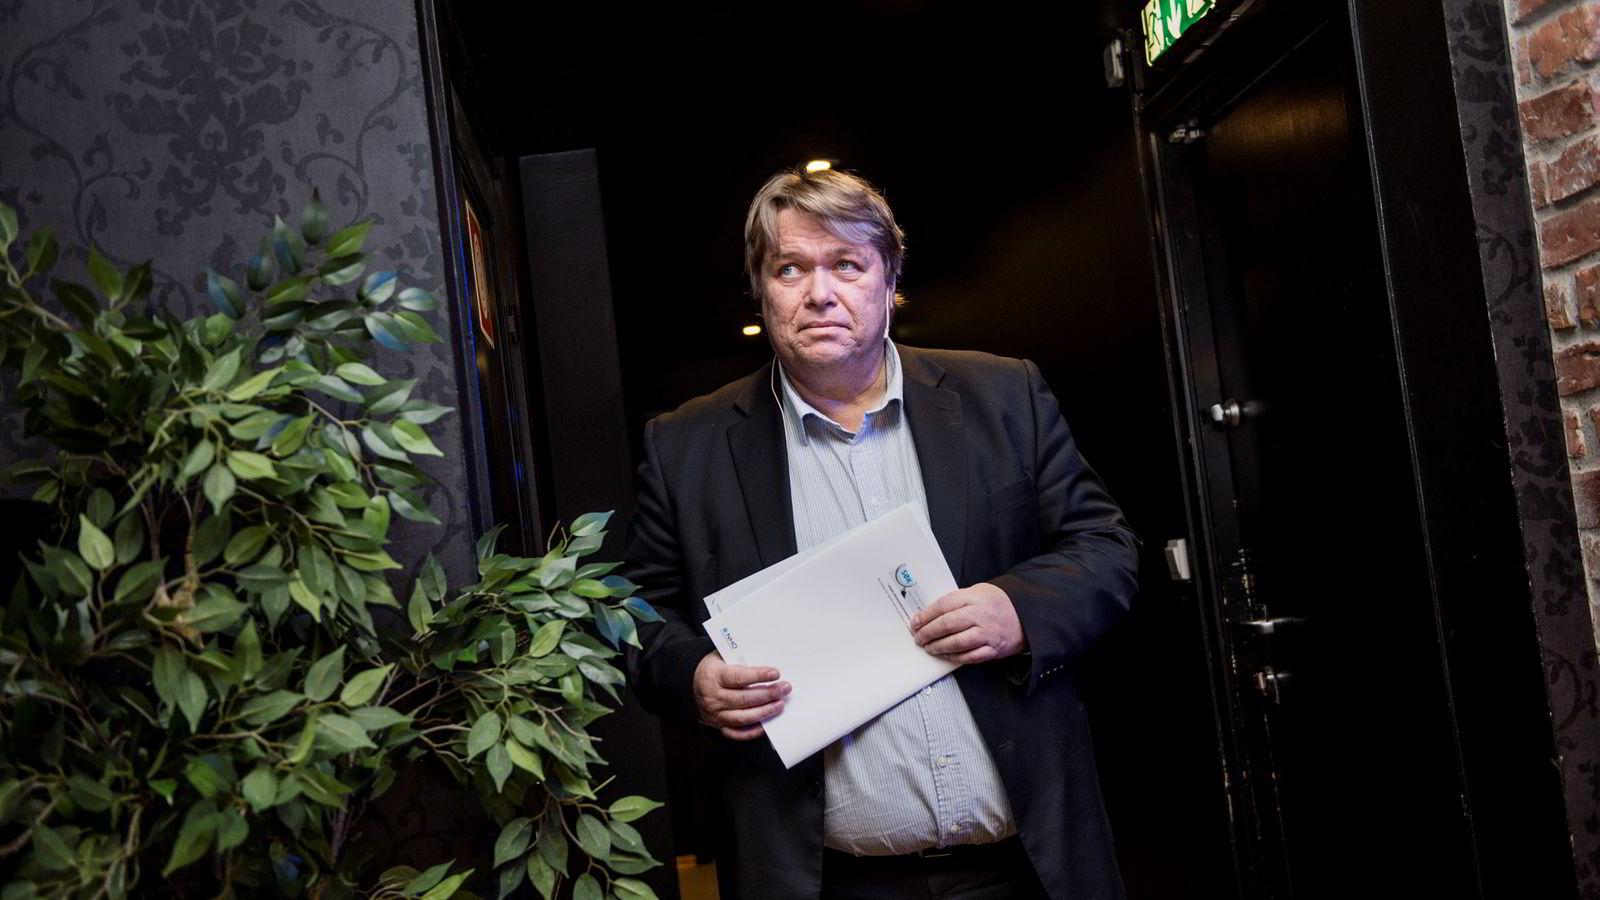 PRESENTERER RAPPORT. Avdelingsdirektør Dag Aarnes i NHO.